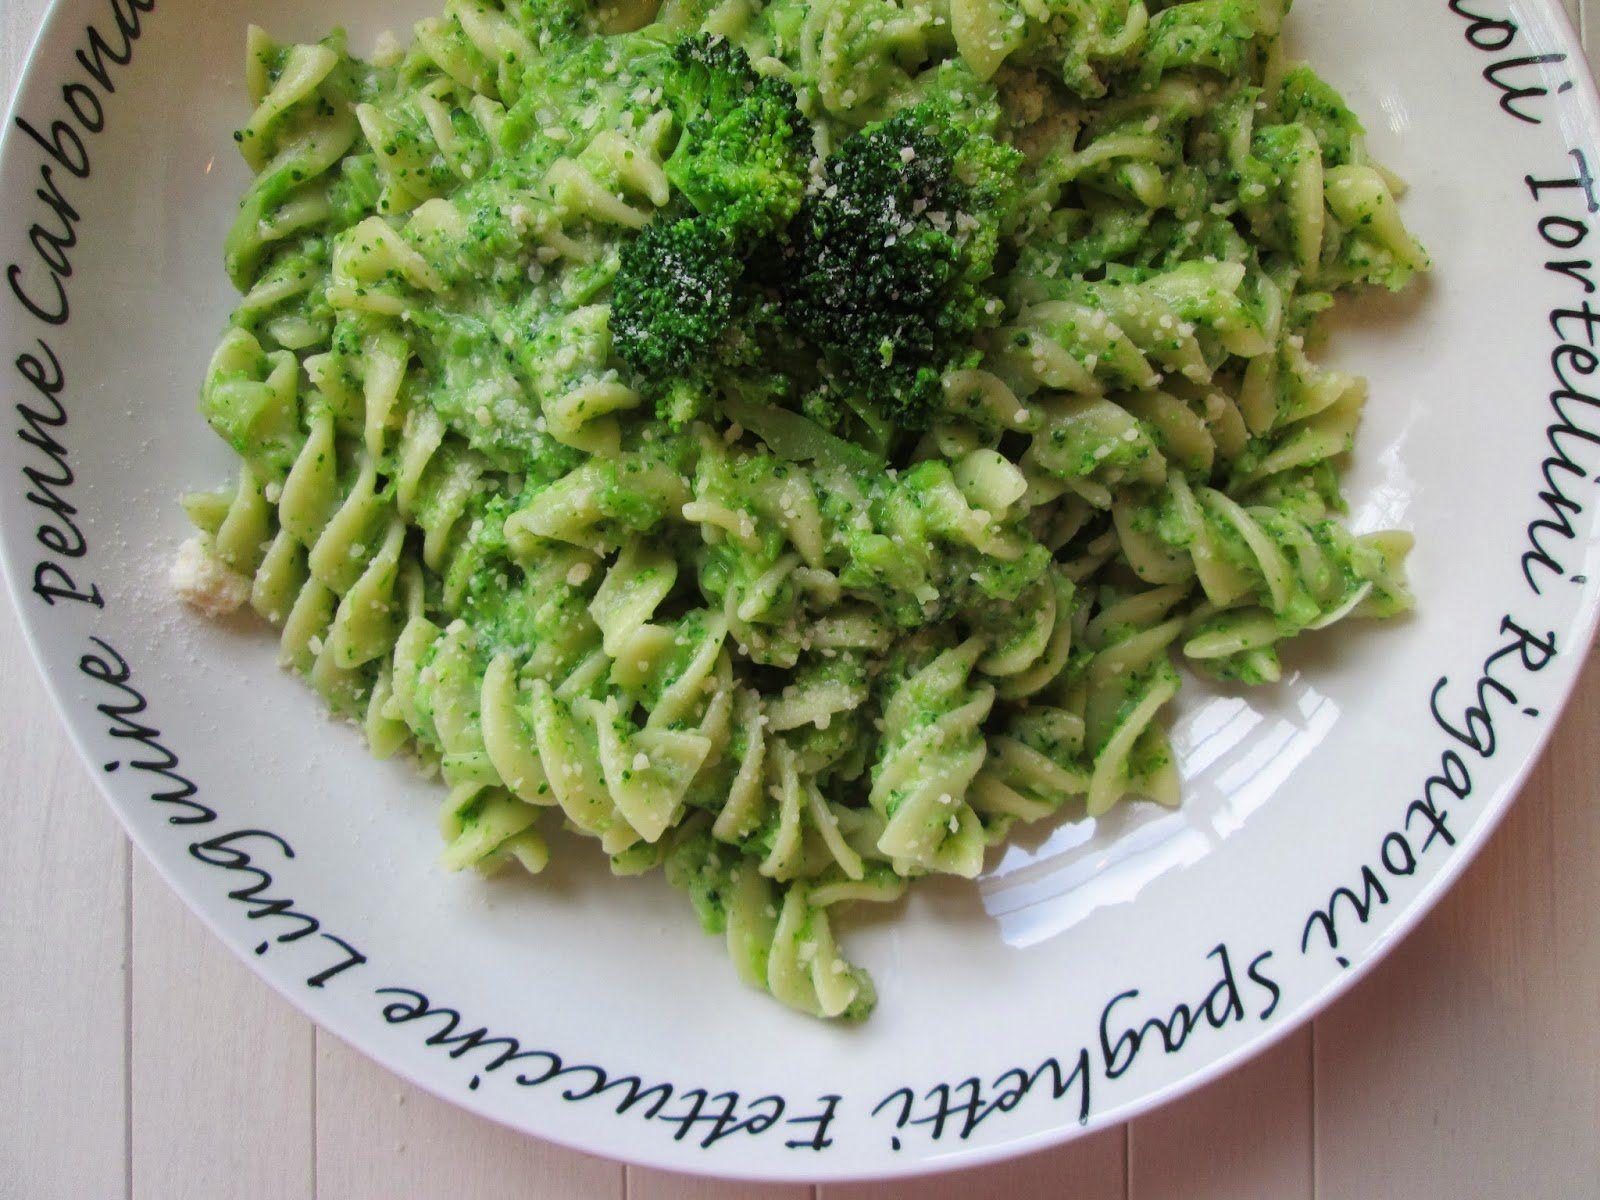 Pesto di broccoli Bimby, un alto gustoso pesto da fare in poco tempo con il Bimby :) Ingredienti: 200 gr di broccoli, 40 gr di olio evo...